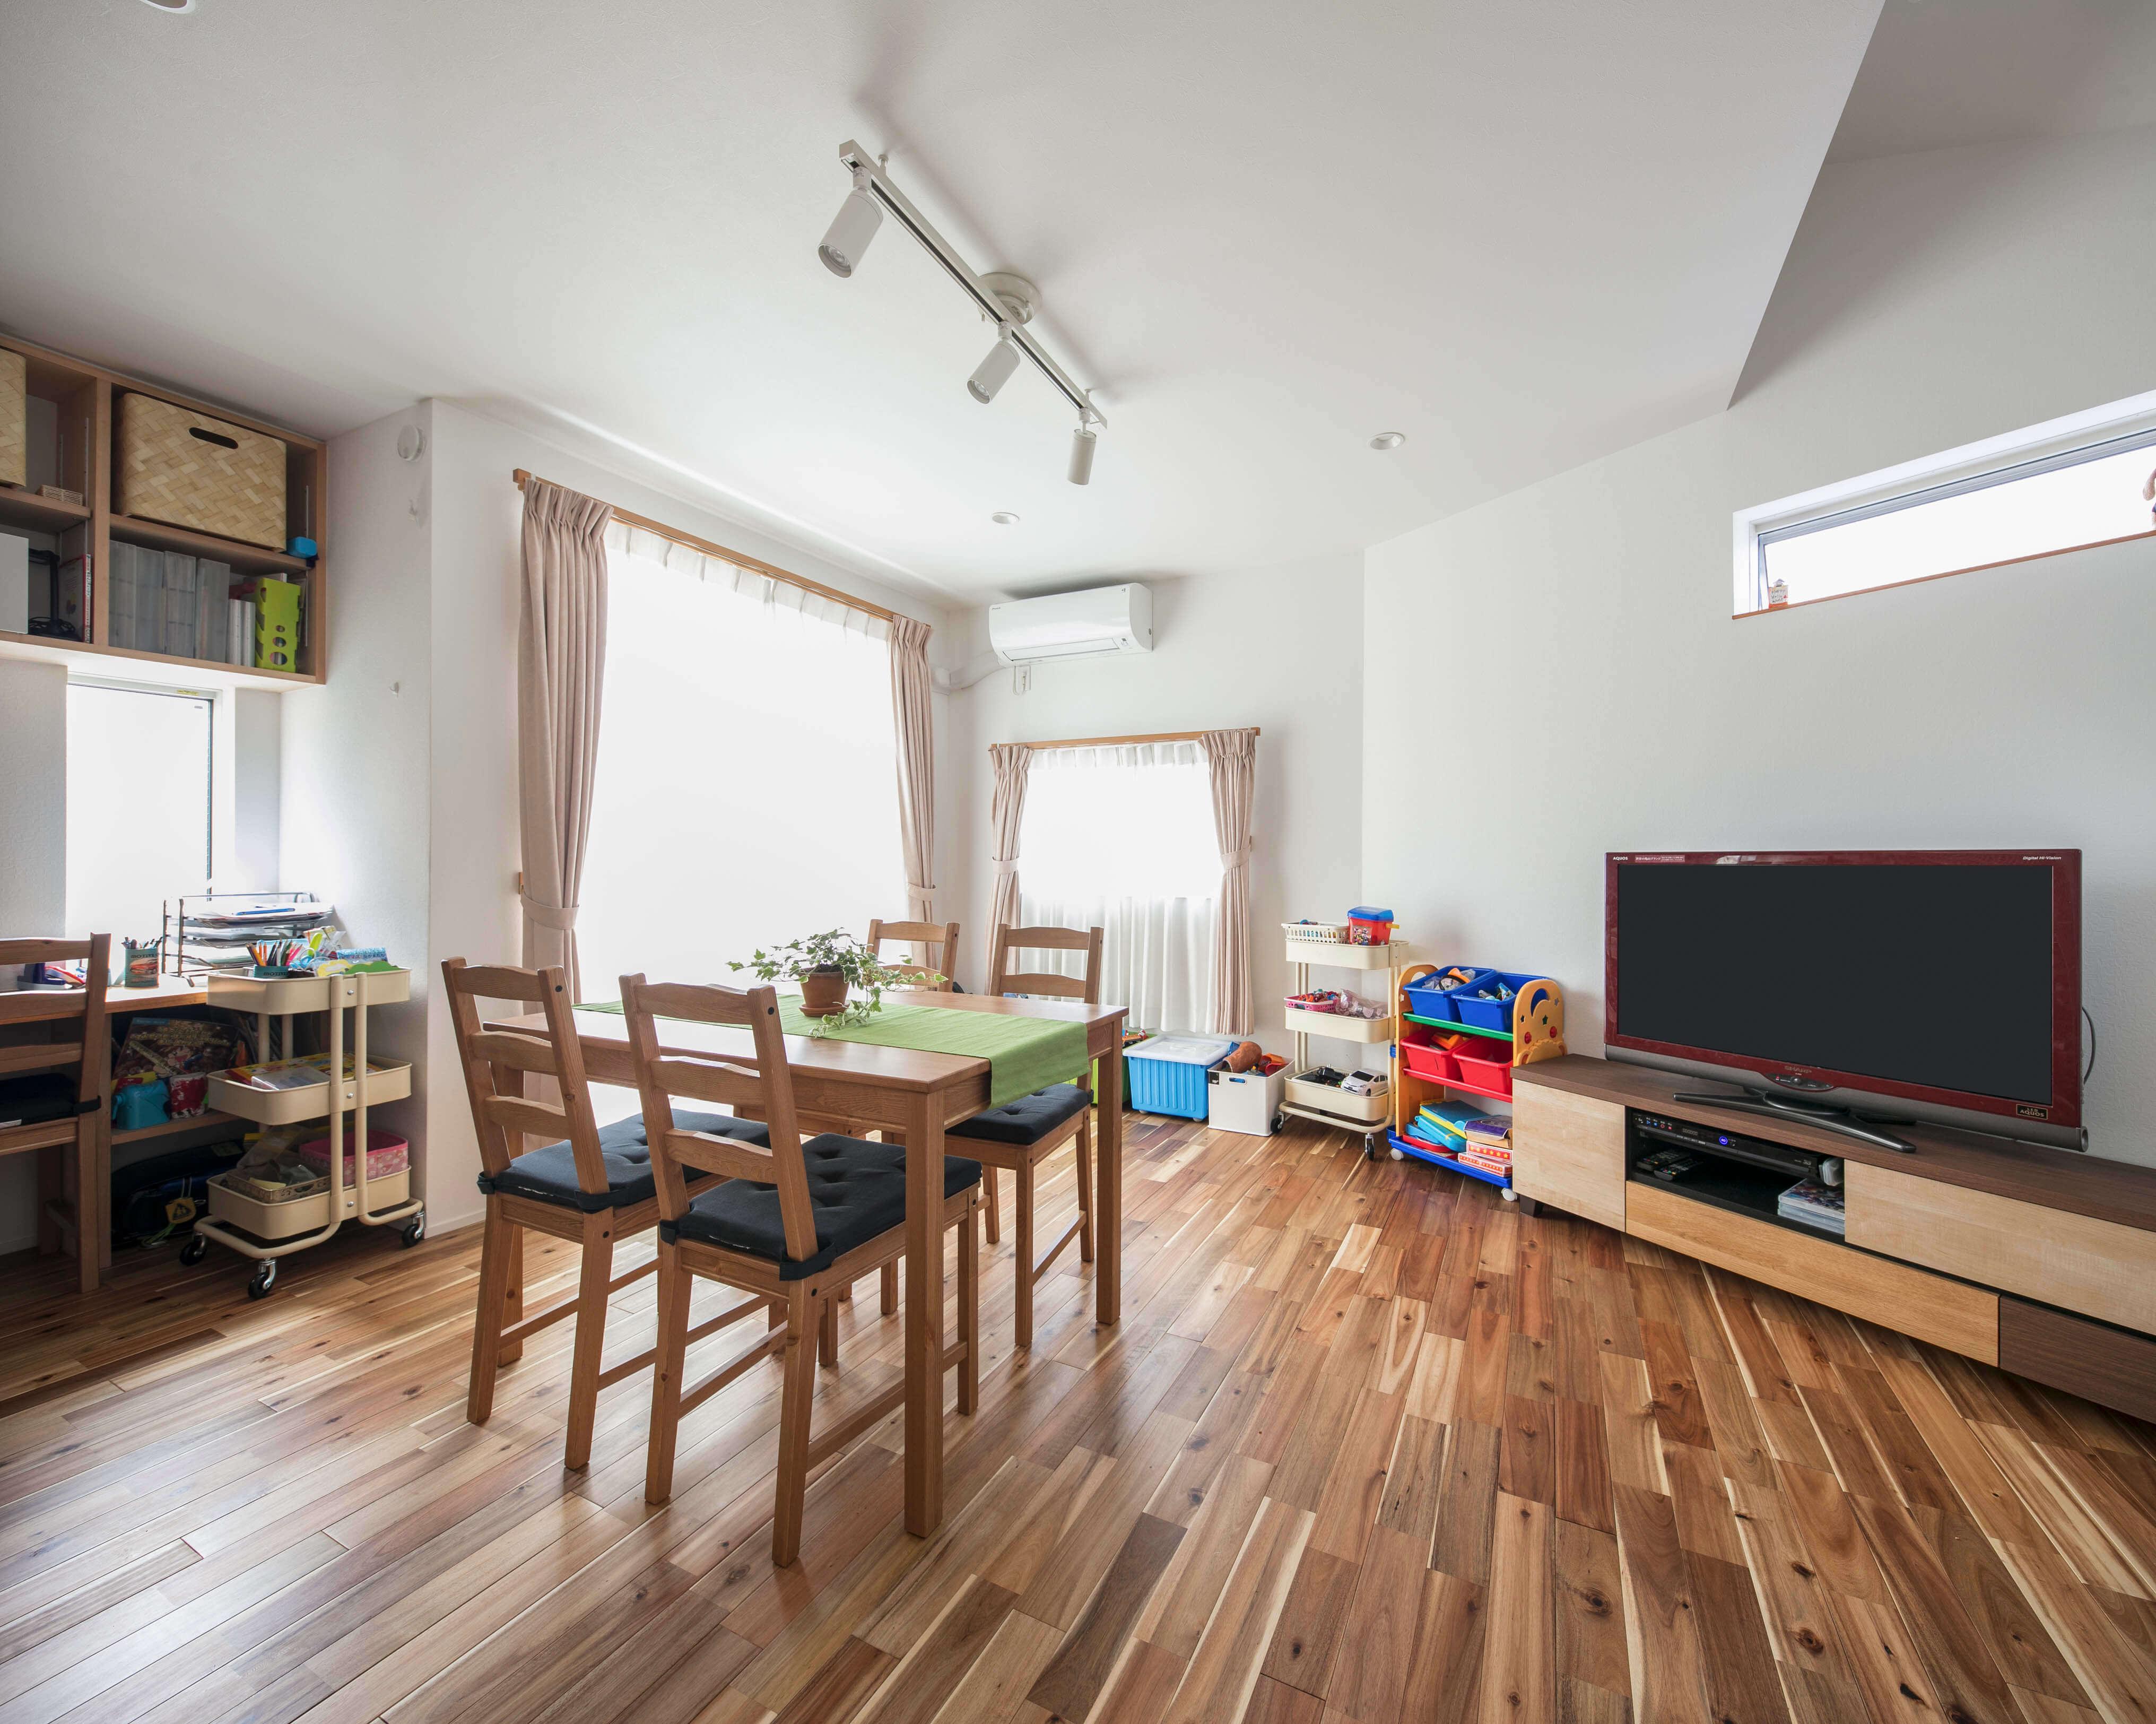 東京,狭小地,狭小住宅,二世帯住宅,収納